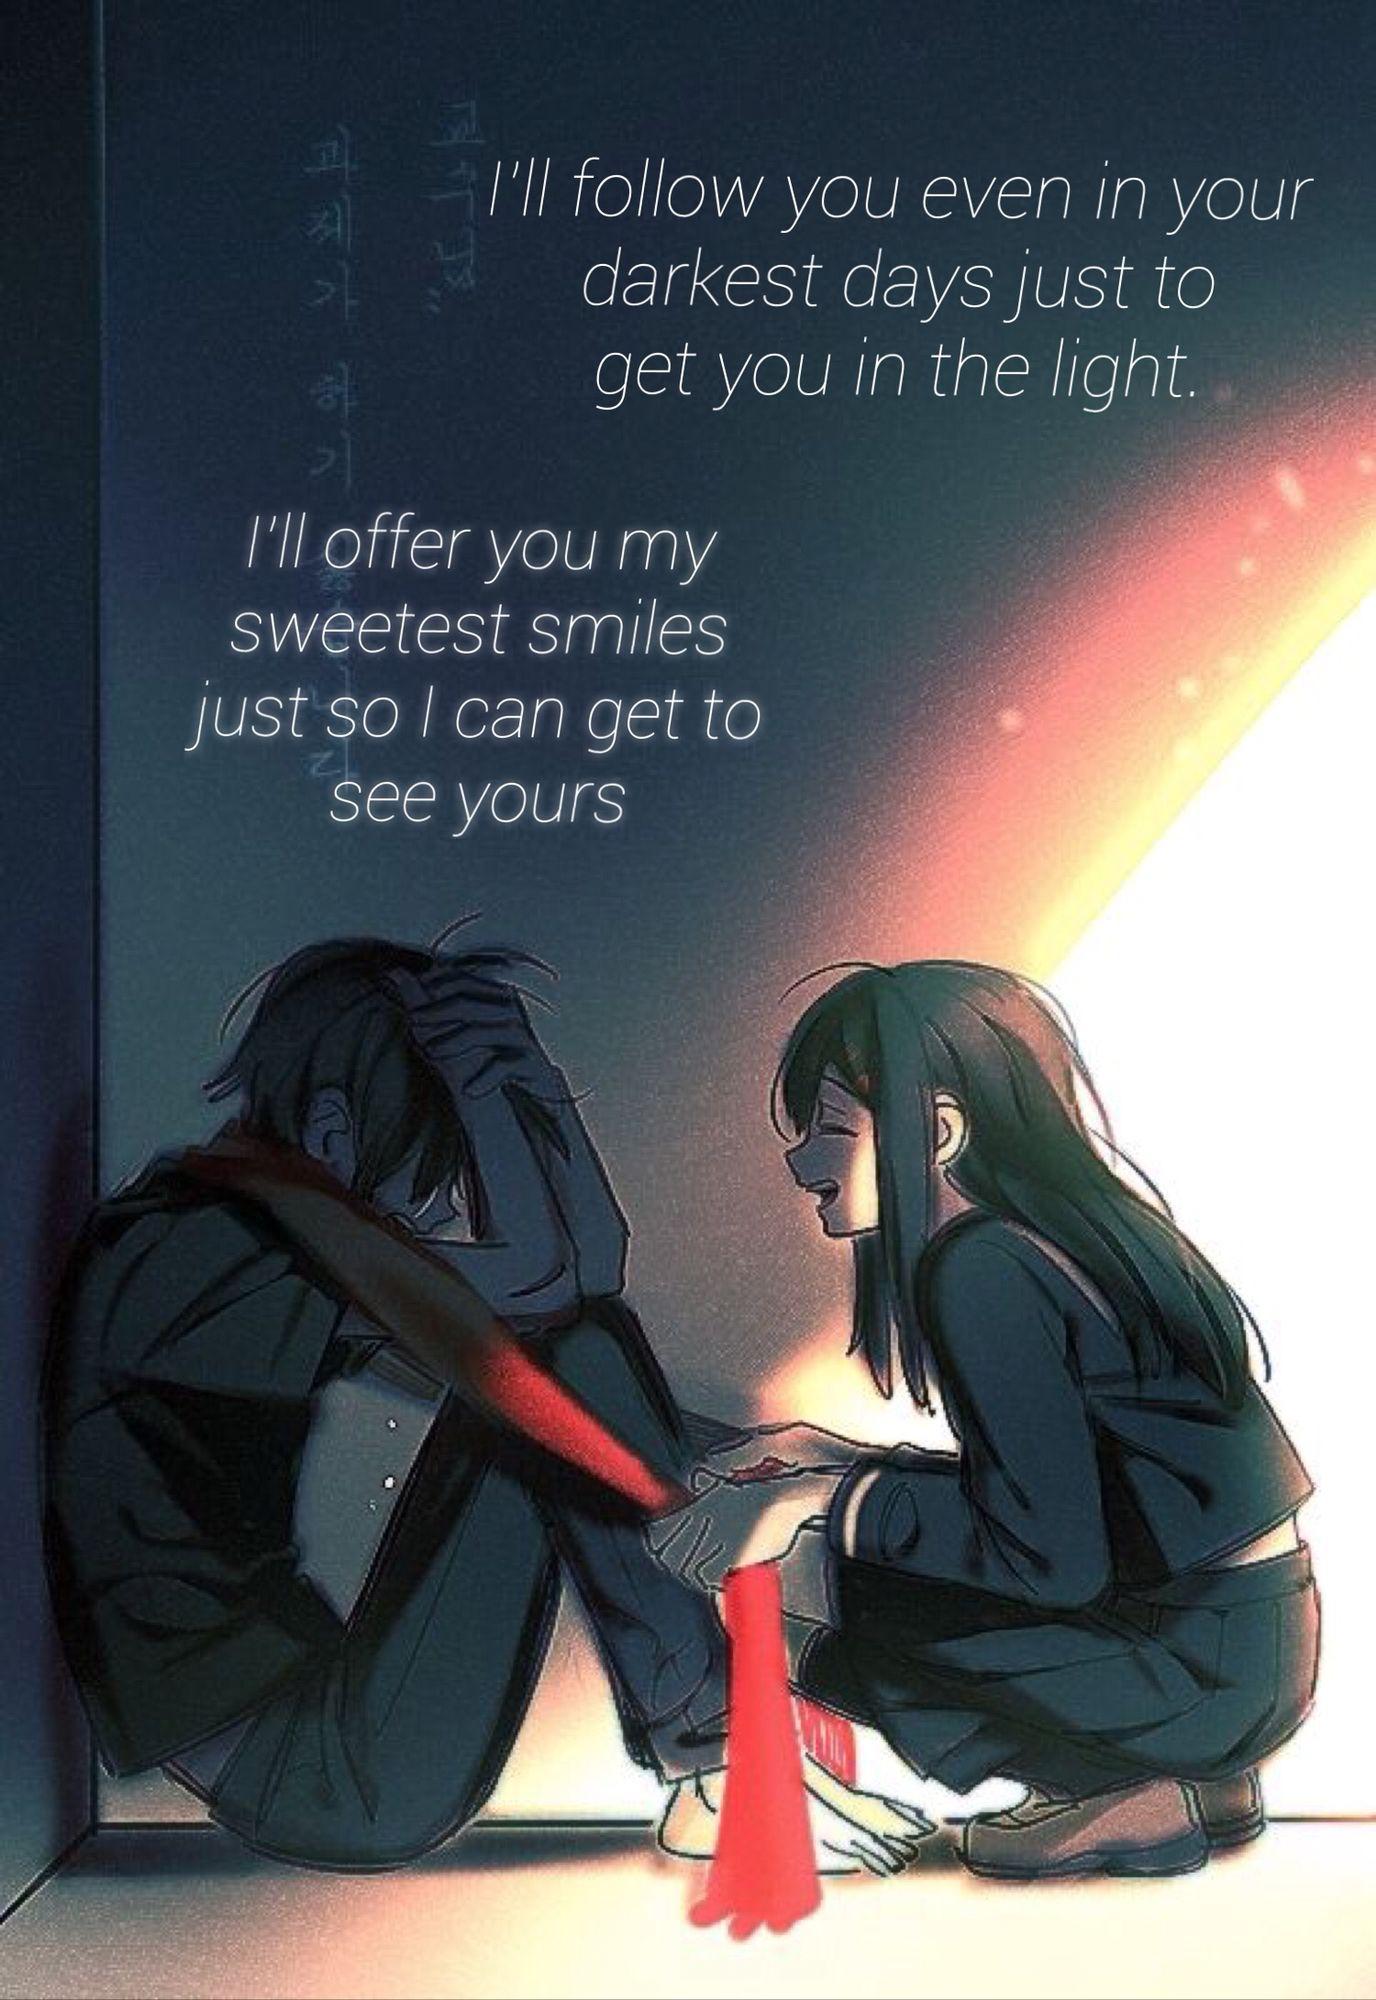 Eu te seguirei até mesmo nos dias mais escuros, só para te